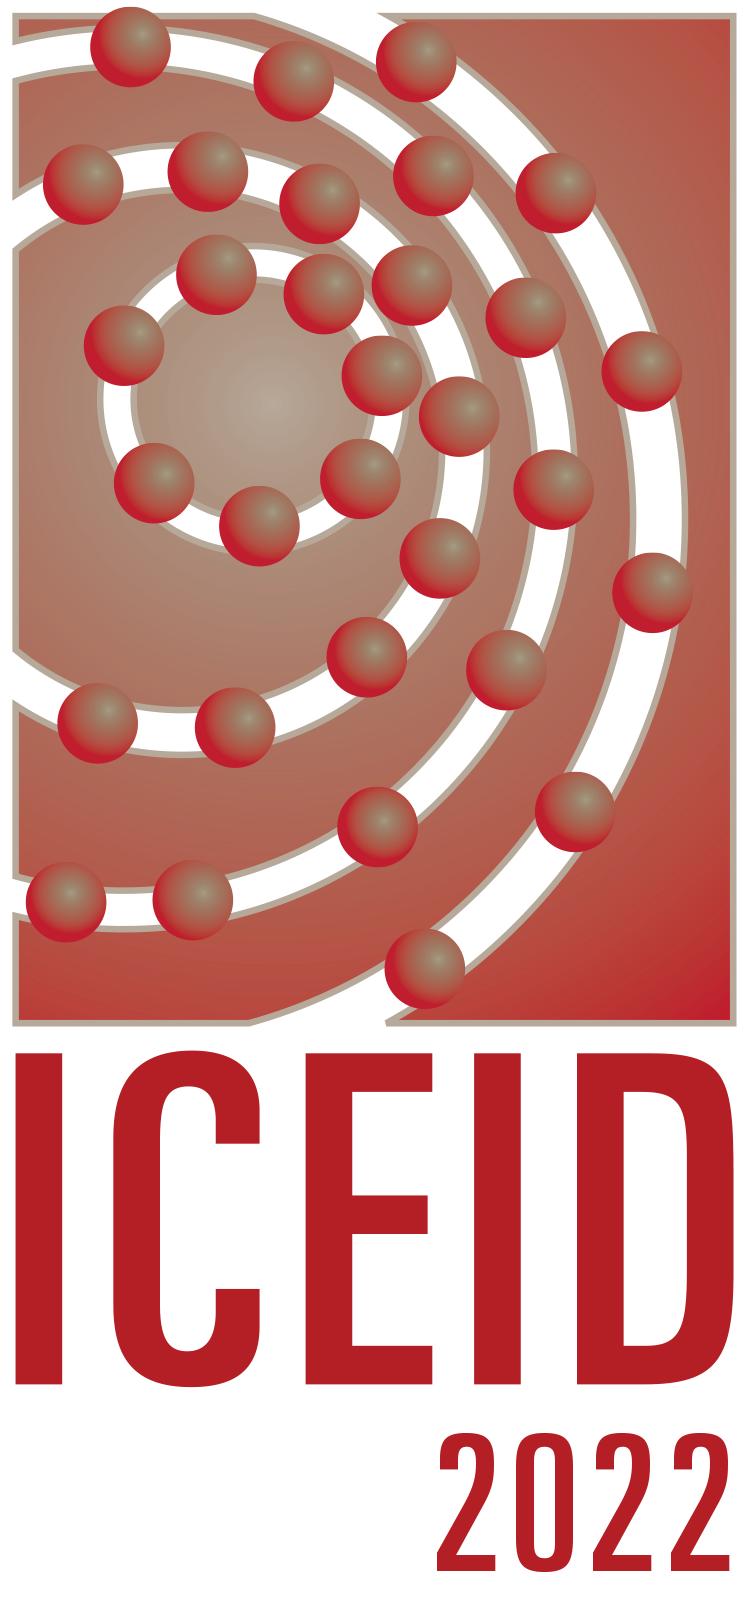 ICEID 2022